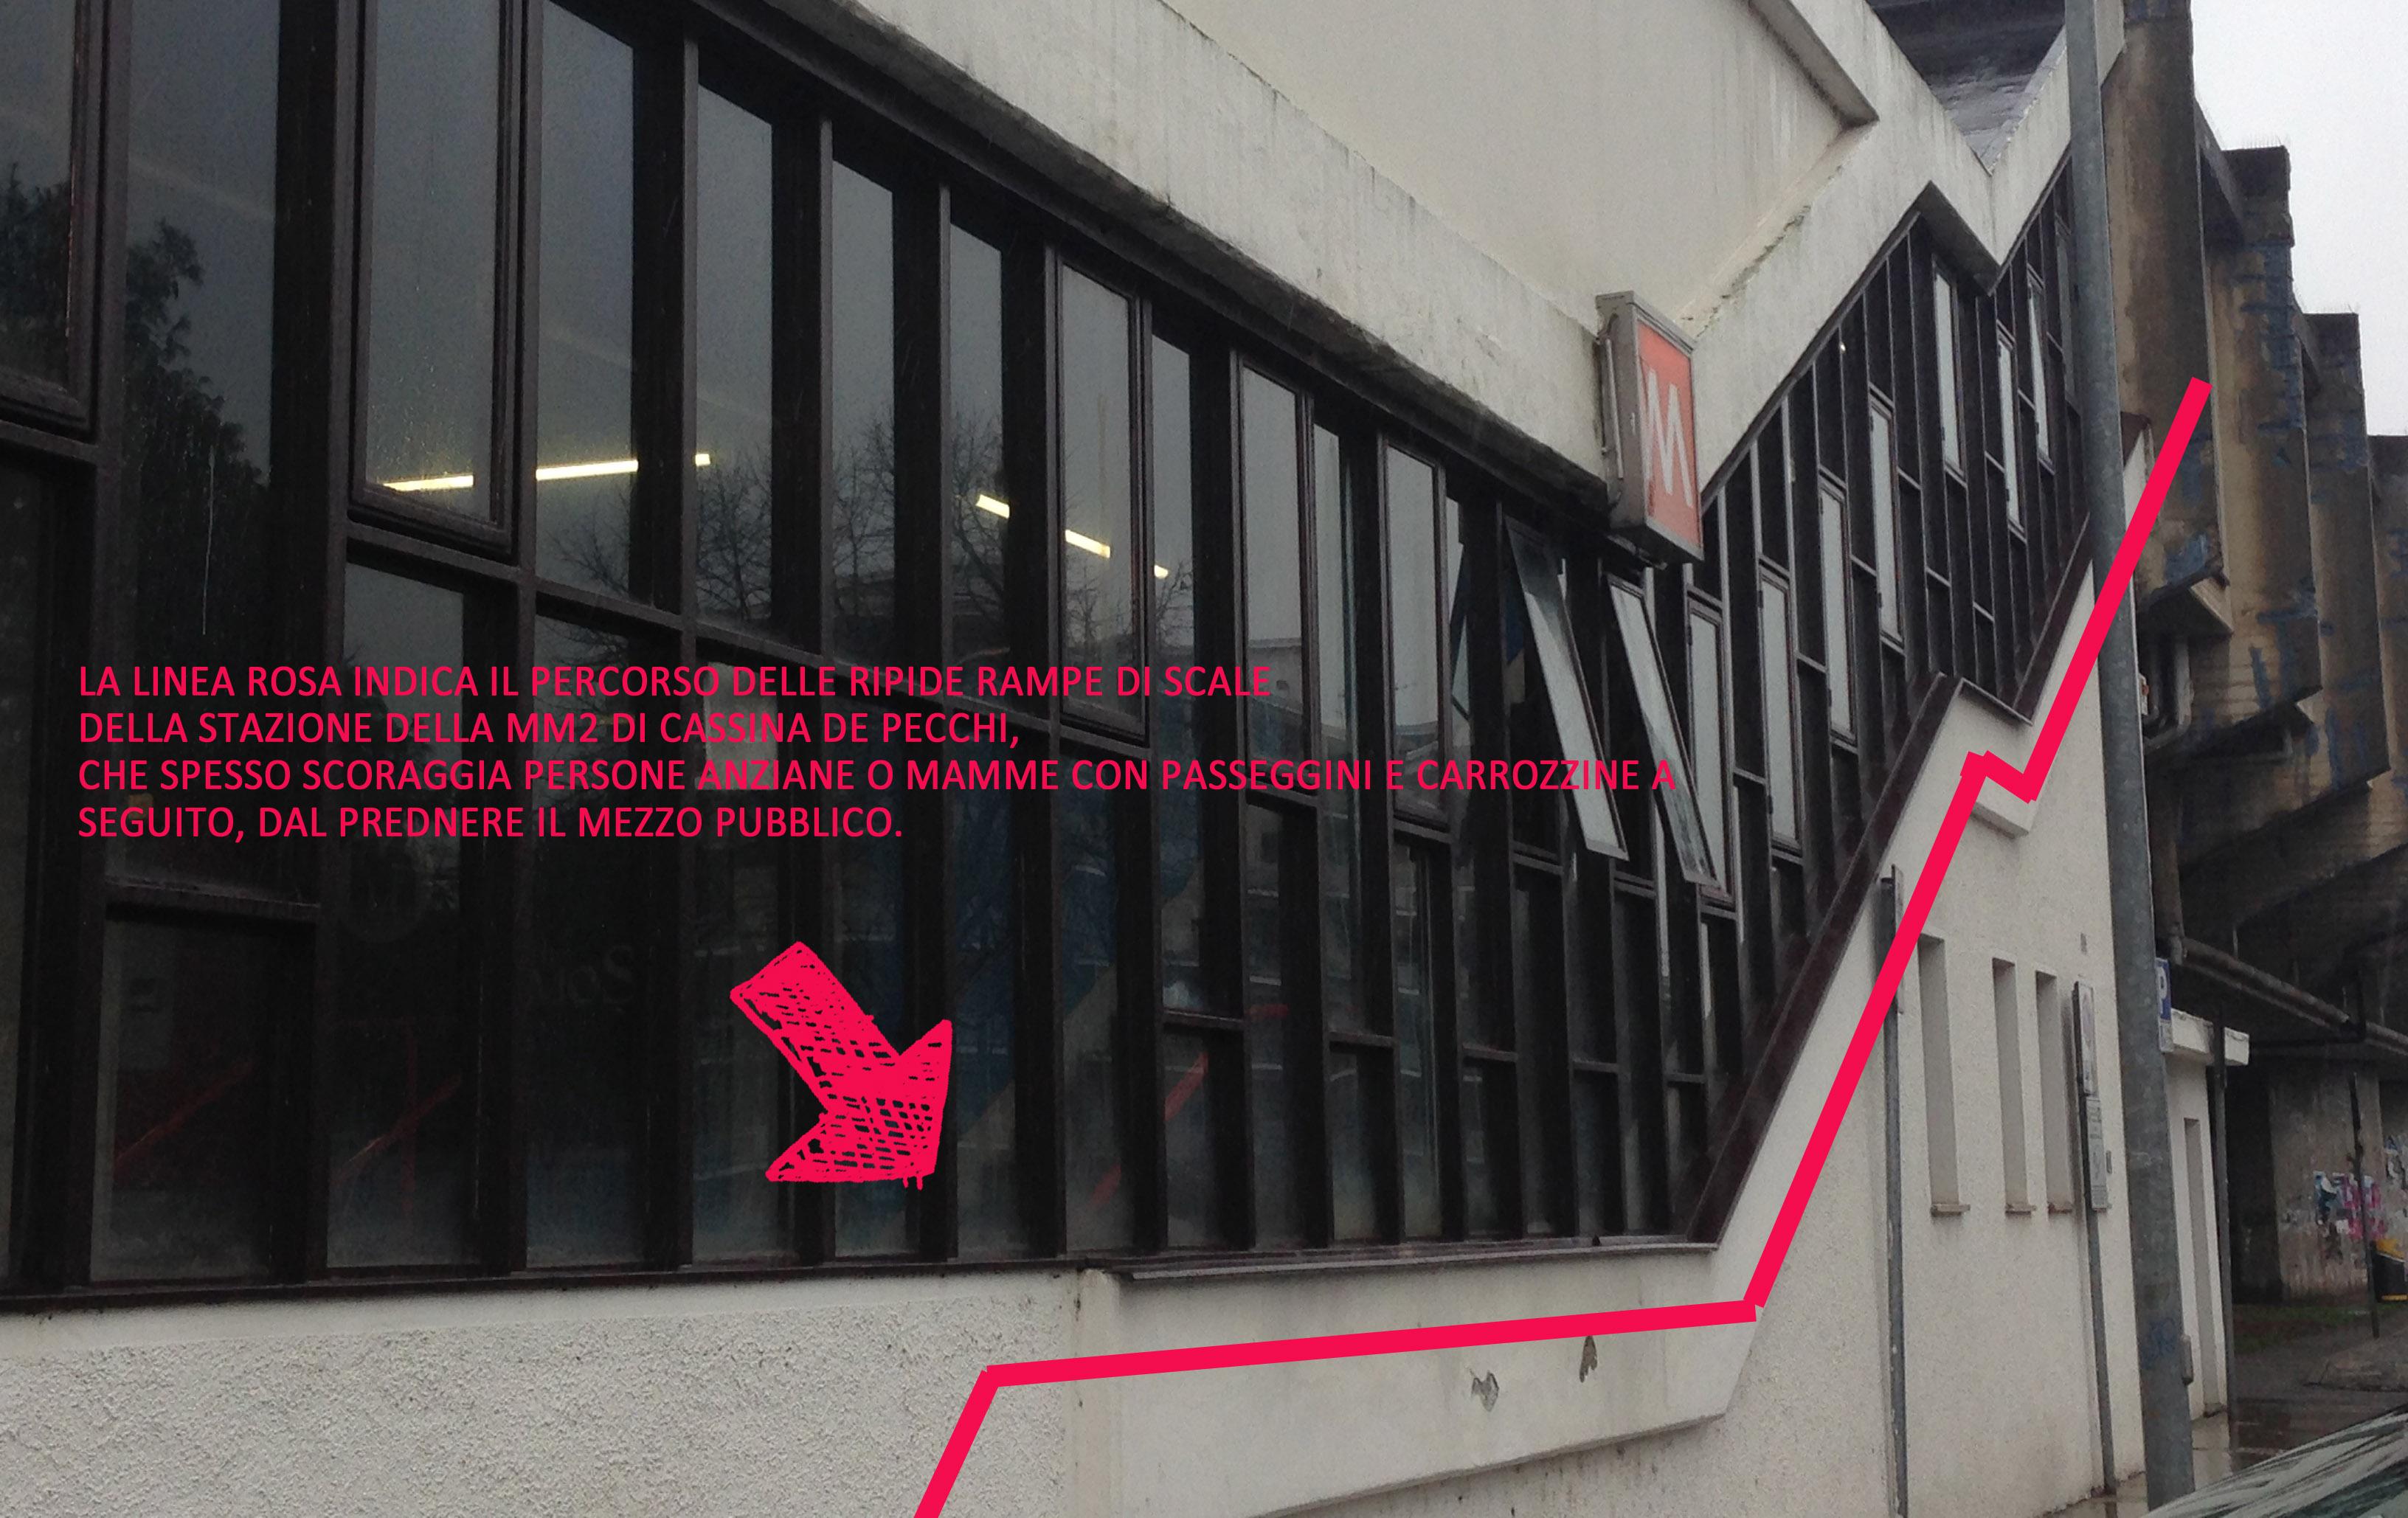 """la stazione MM"""" di Cassina vista da fuori. All'interno non ci è stato consentito scattare foto, le rampe di scale sono visibili dalla loro struttura esterna."""